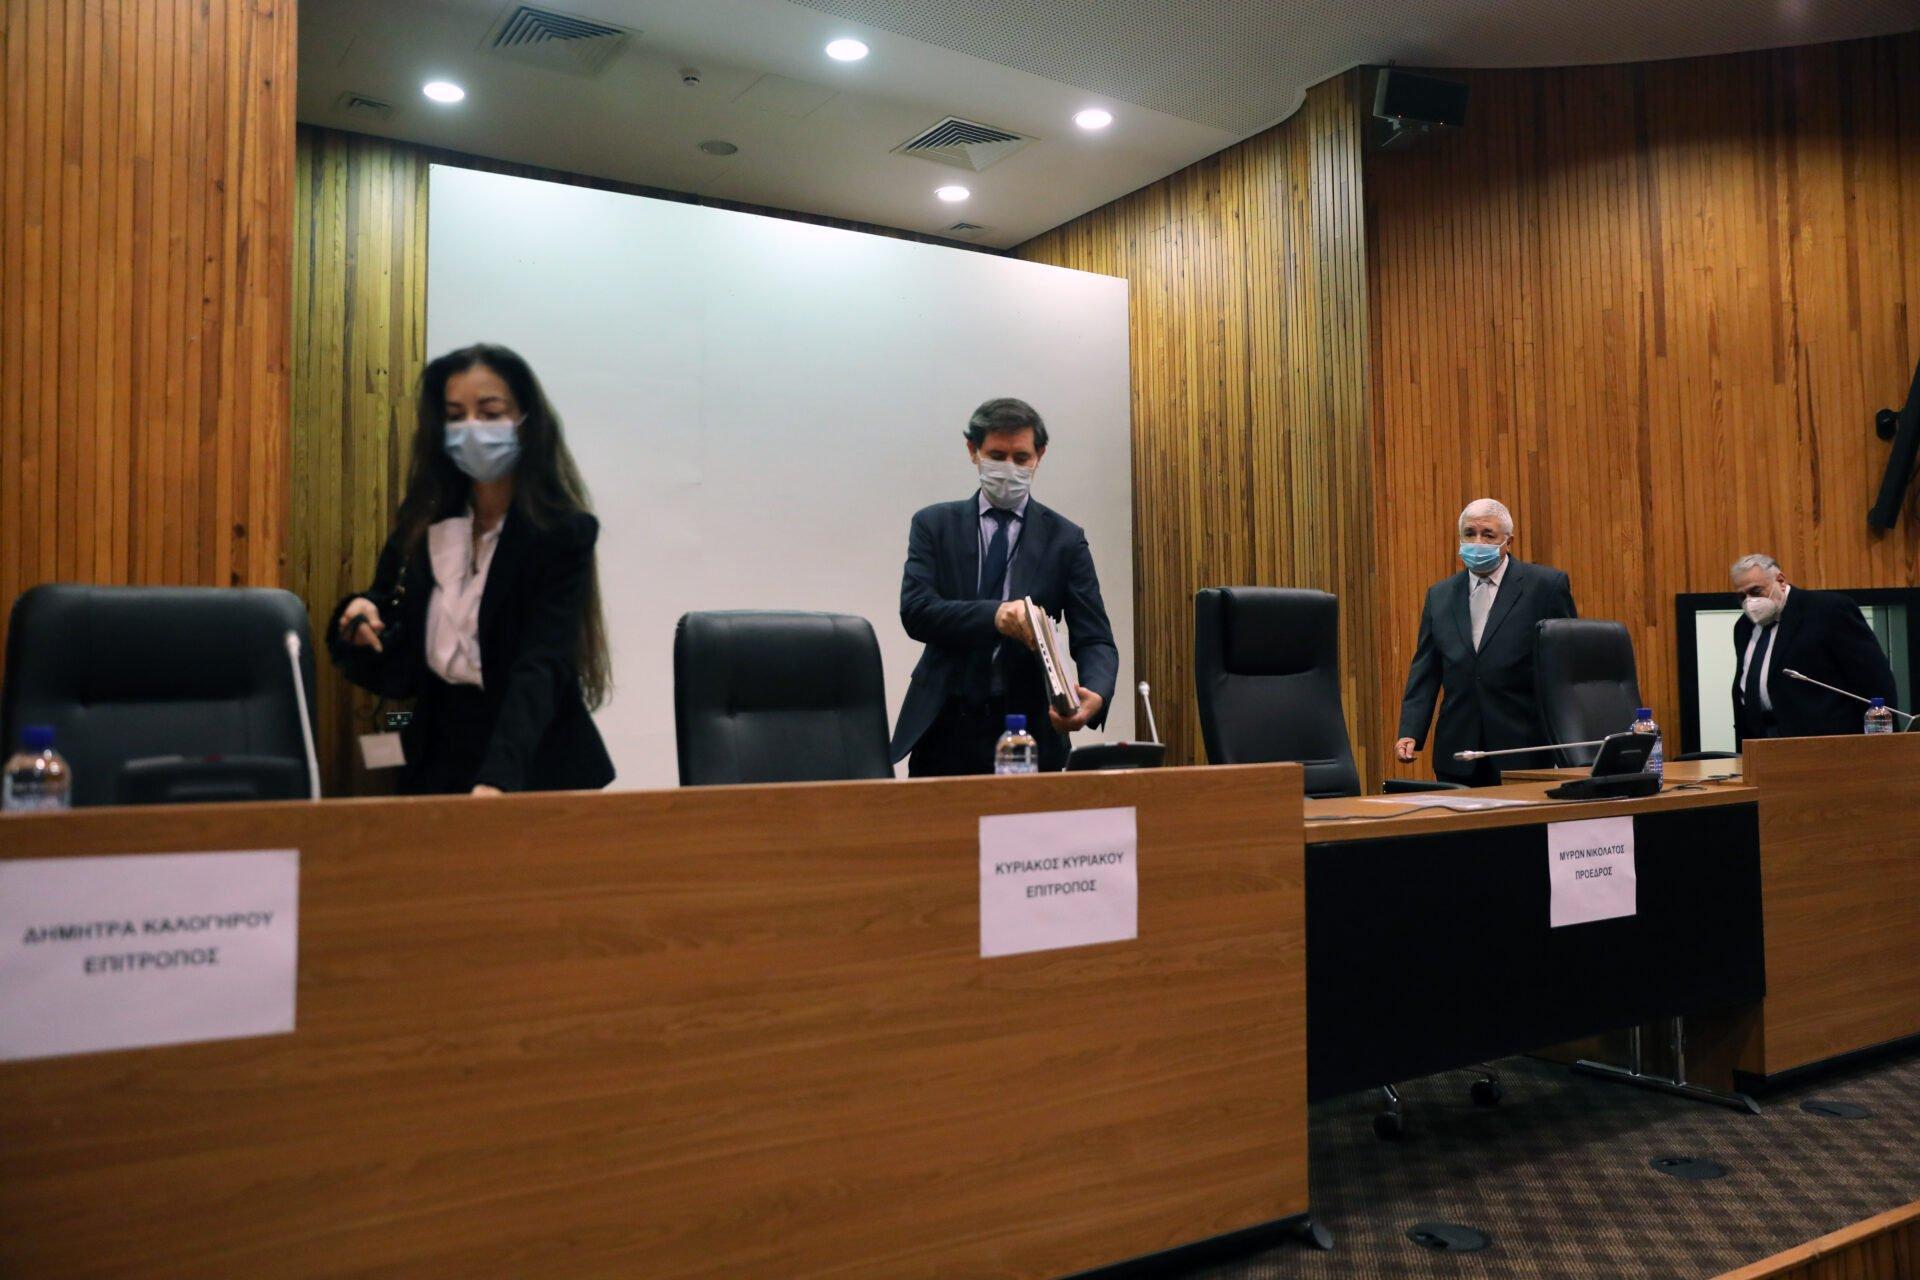 Аудиторская служба Кипра прокомментировала отчёт Следственного комитета